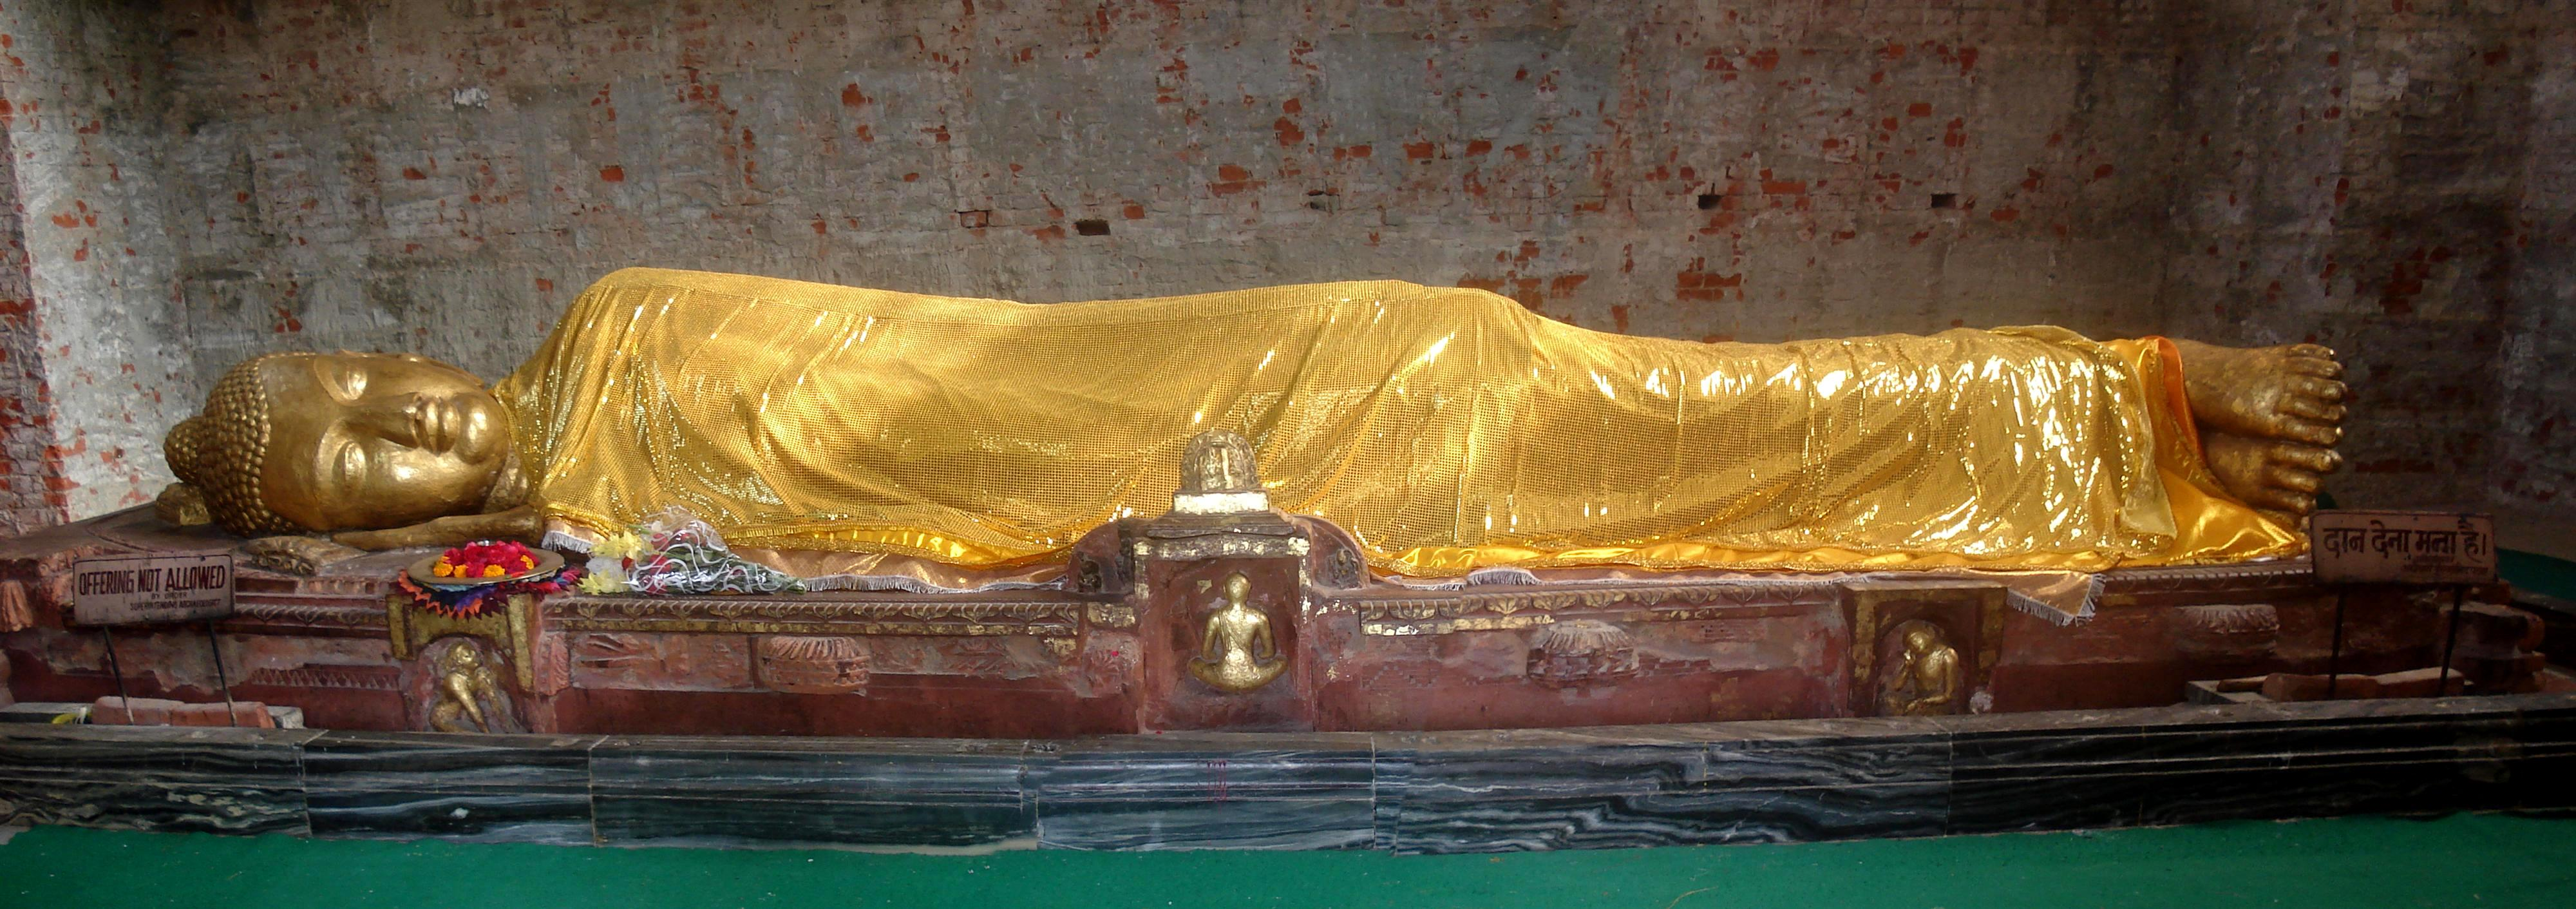 Tượng Phật Nhập Niết Bàn bên trong chùa Đại Bát Niết Bàn tại thành Câu Thi Na | The Lying Statue of the Buddha inside the Kusinagara Stupa